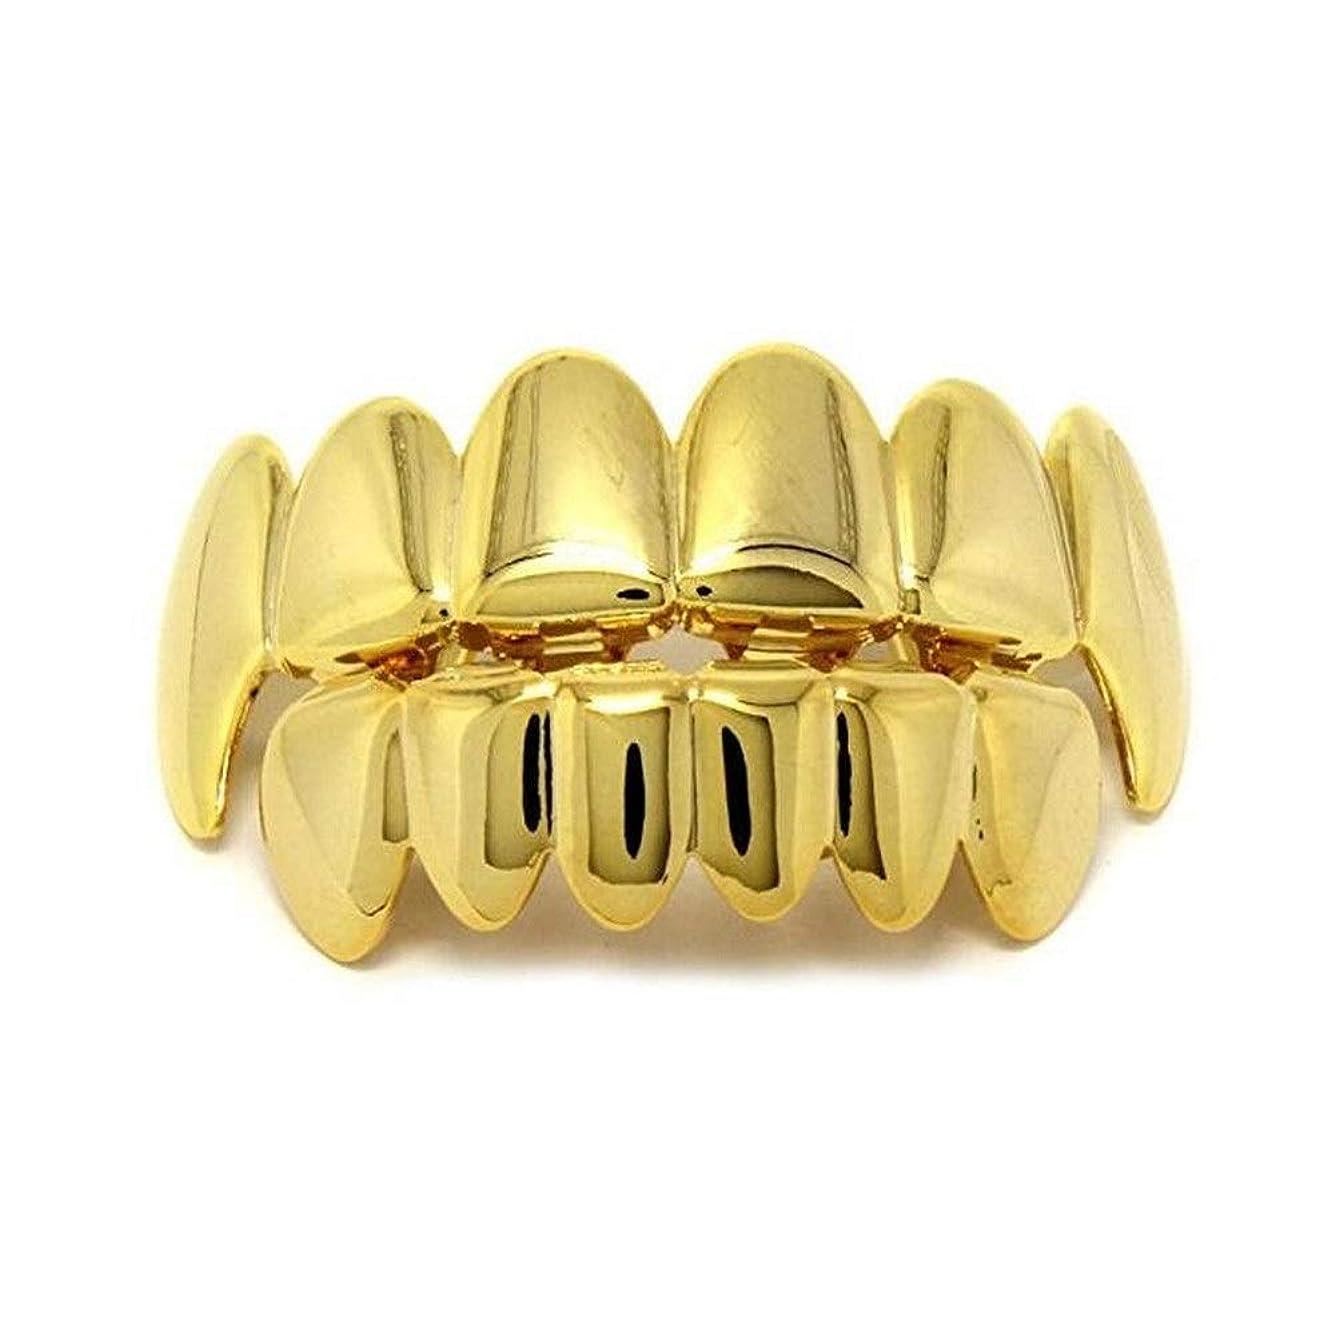 明確にのぞき穴水星ヨーロッパ系アメリカ人INS最もホットなヒップホップの歯キャップ、ゴールド&ブラック&シルバー歯ブレースゴールドプレート口の歯 (Color : Gold)